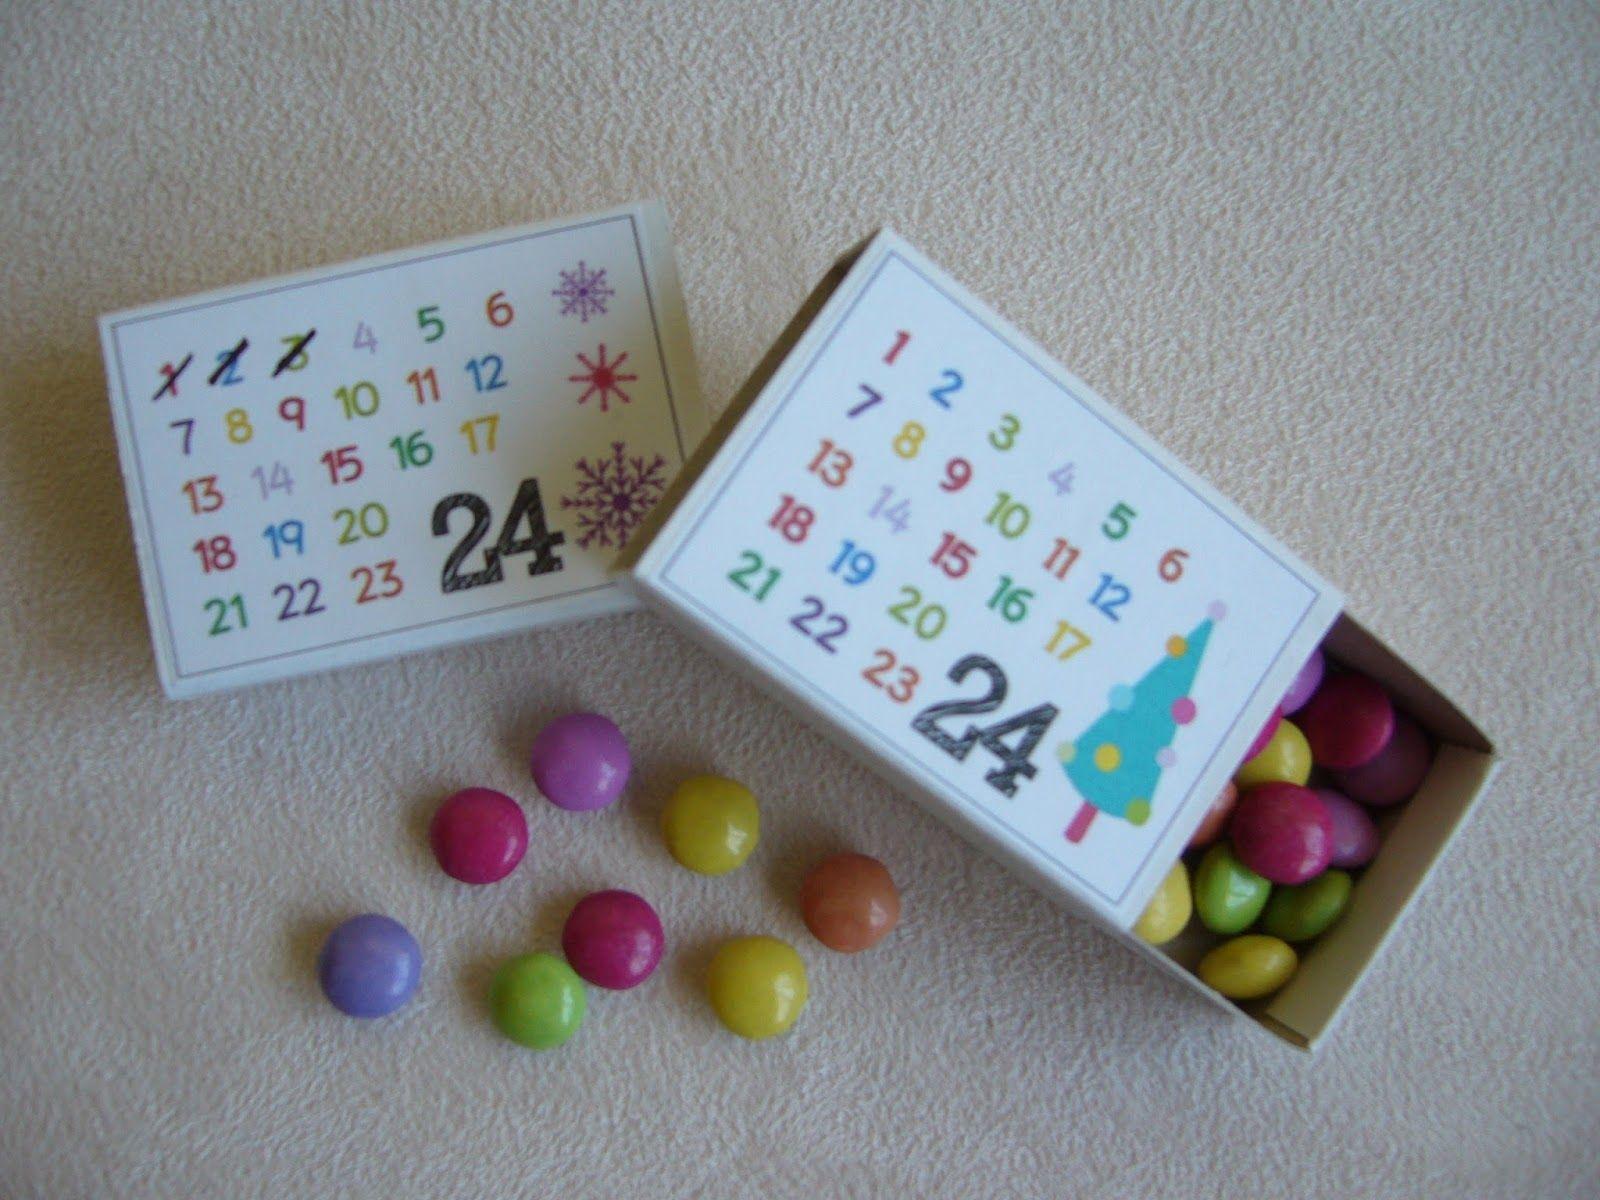 Adventskalenderidee Basteln Weihnachten Geschenke Weihnachten Weihnachten Adventskalender